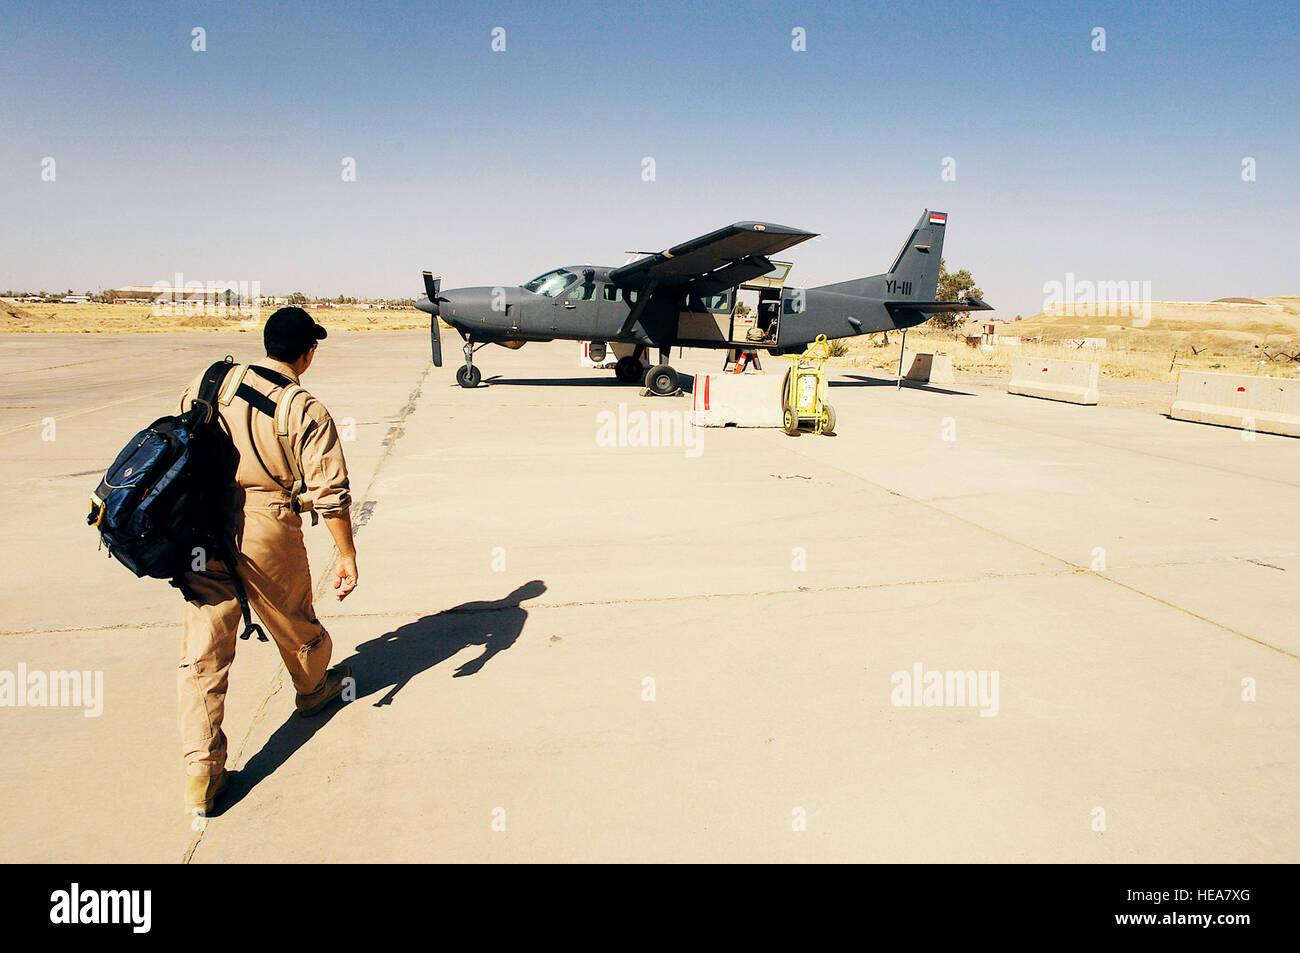 Un pilote iraquien promenades pour un peuple iraquien AC-208 Caravan pour une mission de formation à Kirkuk Photo Stock